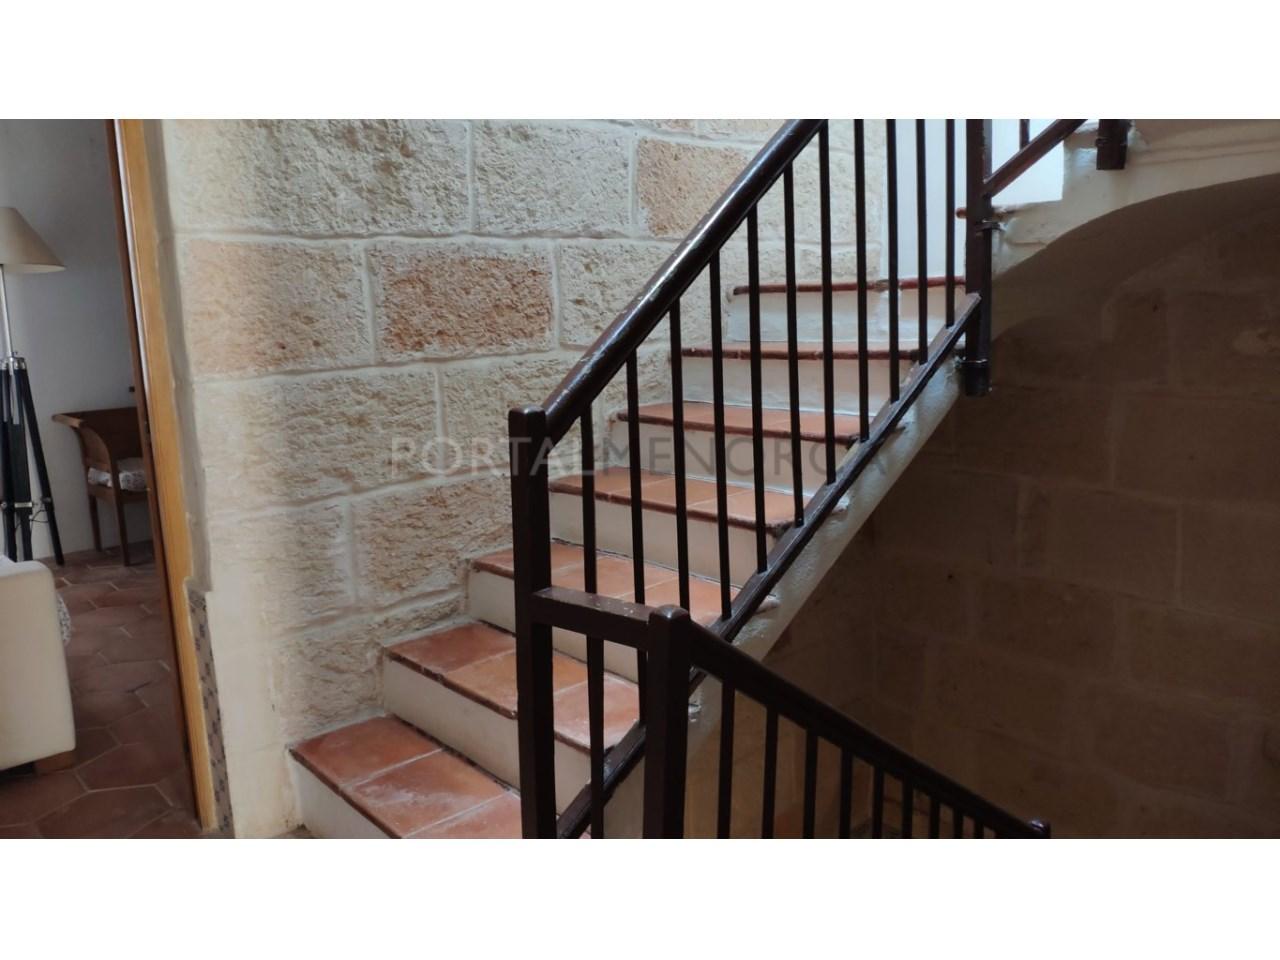 casa reformada en venta en Ciutadella de Menorca escalera superior (2)